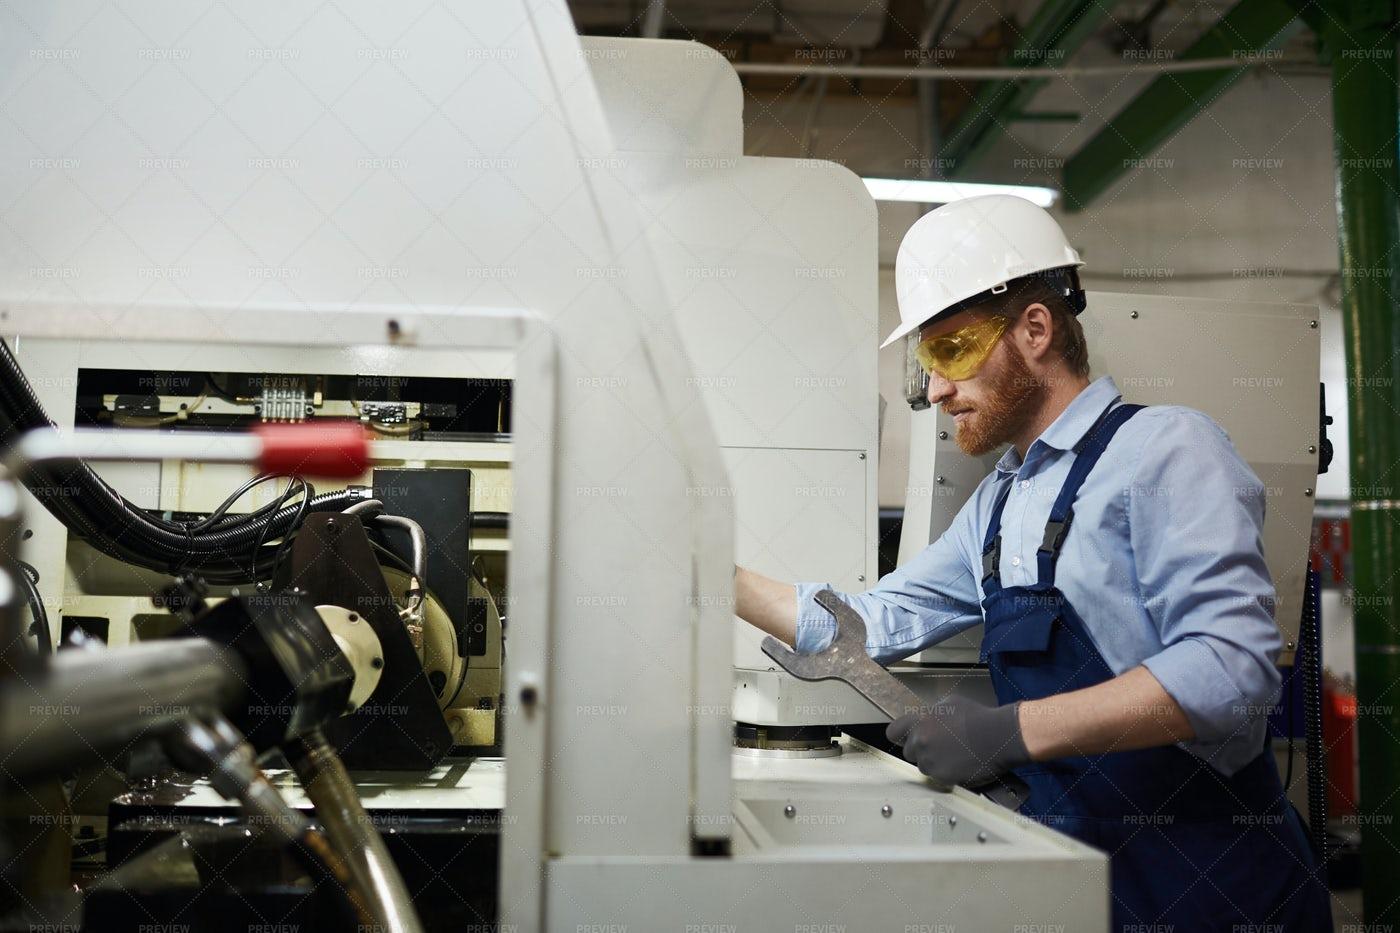 Repairing A Factory Lathe: Stock Photos